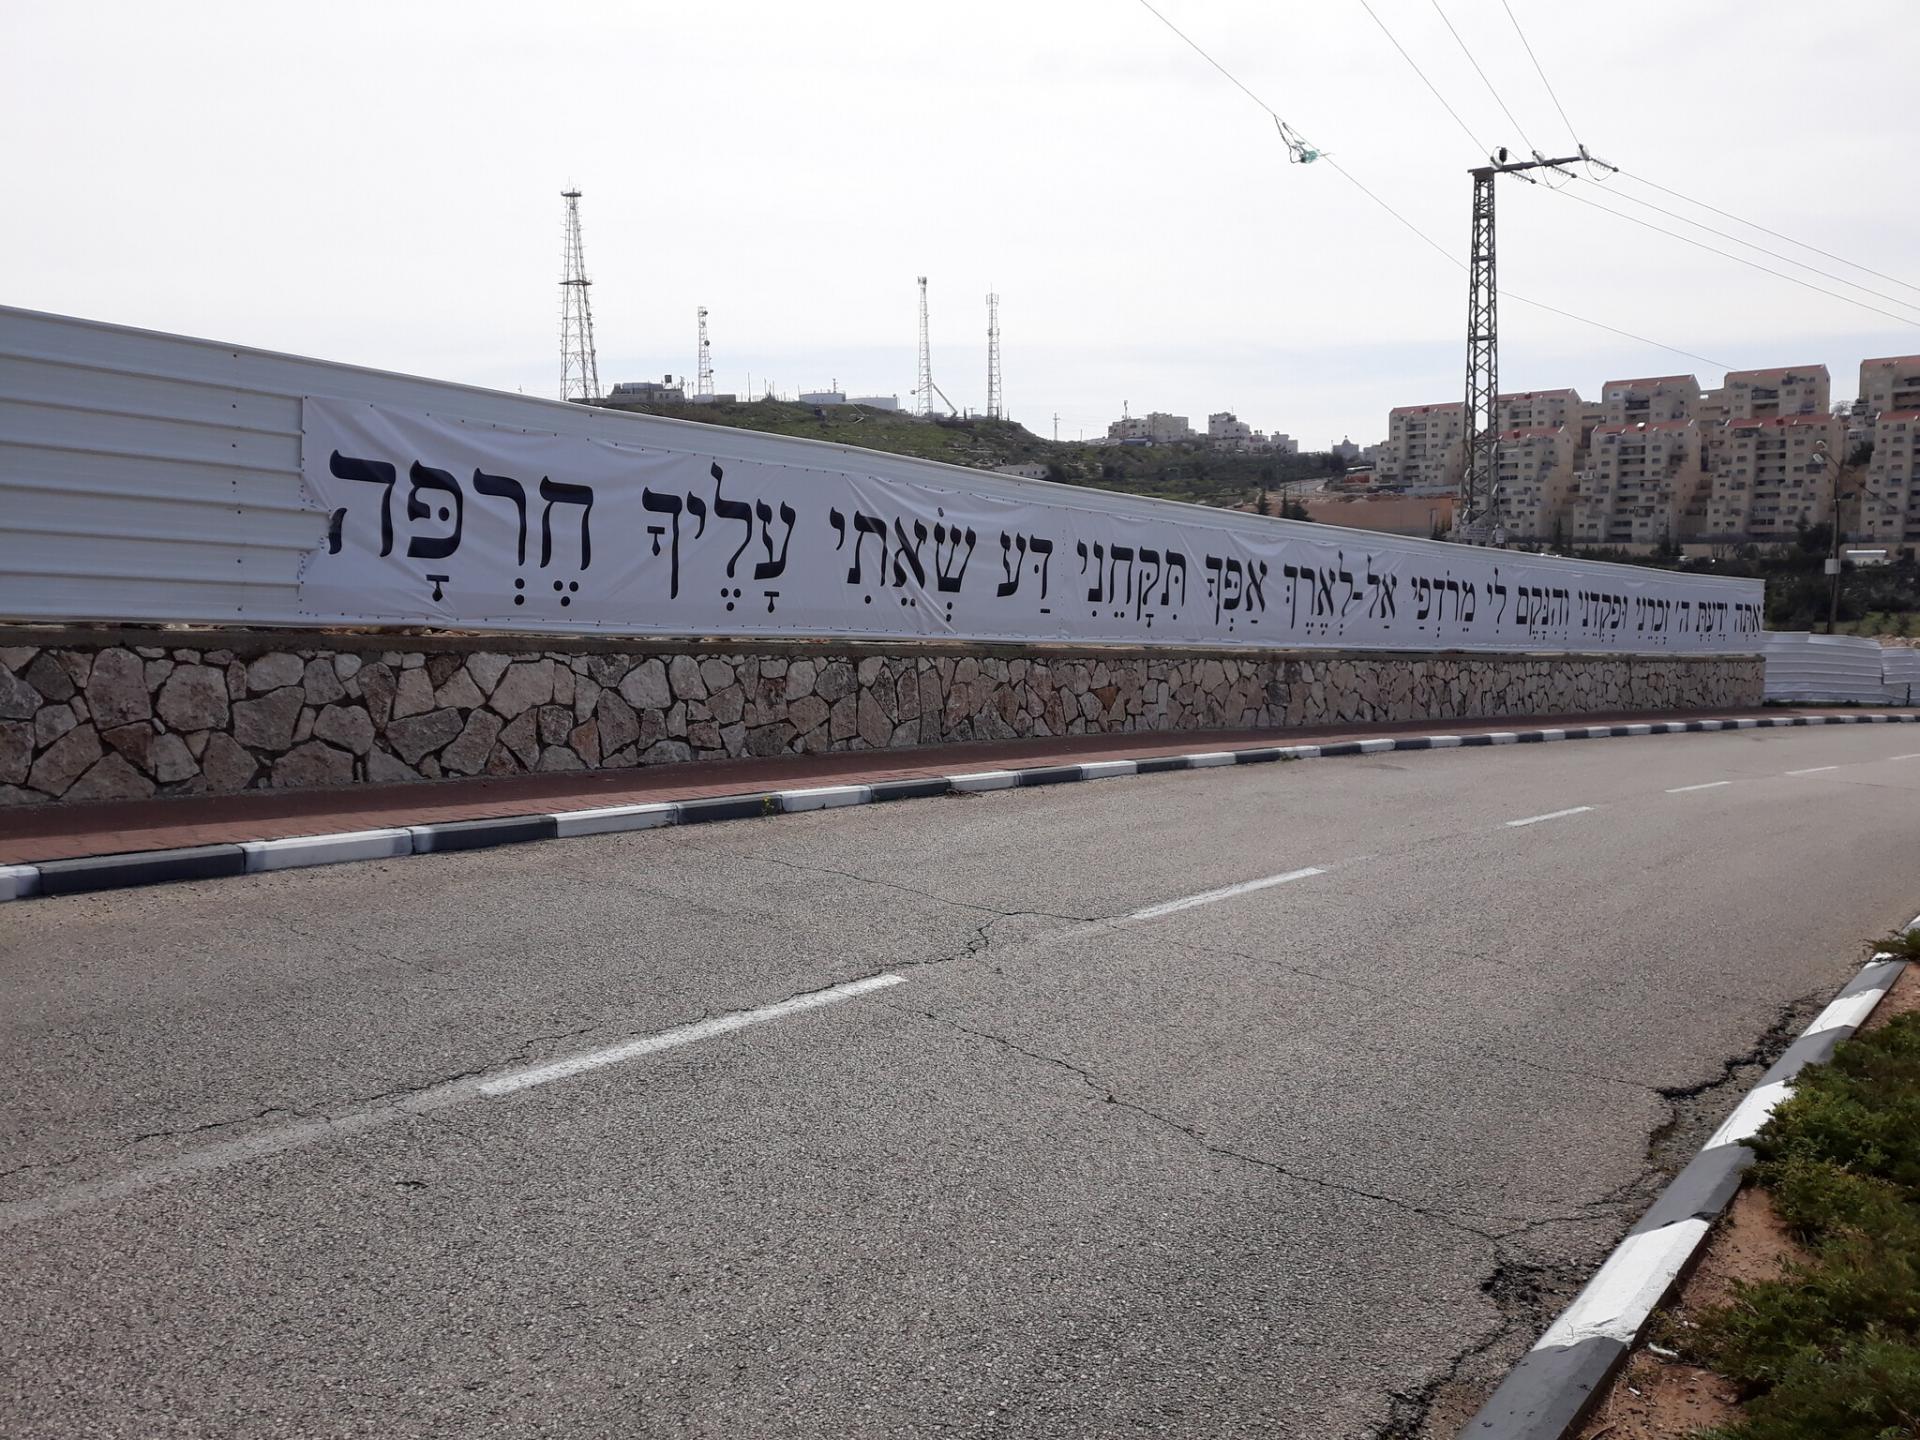 שלט על גדר כרם על אדמה פלסטינית